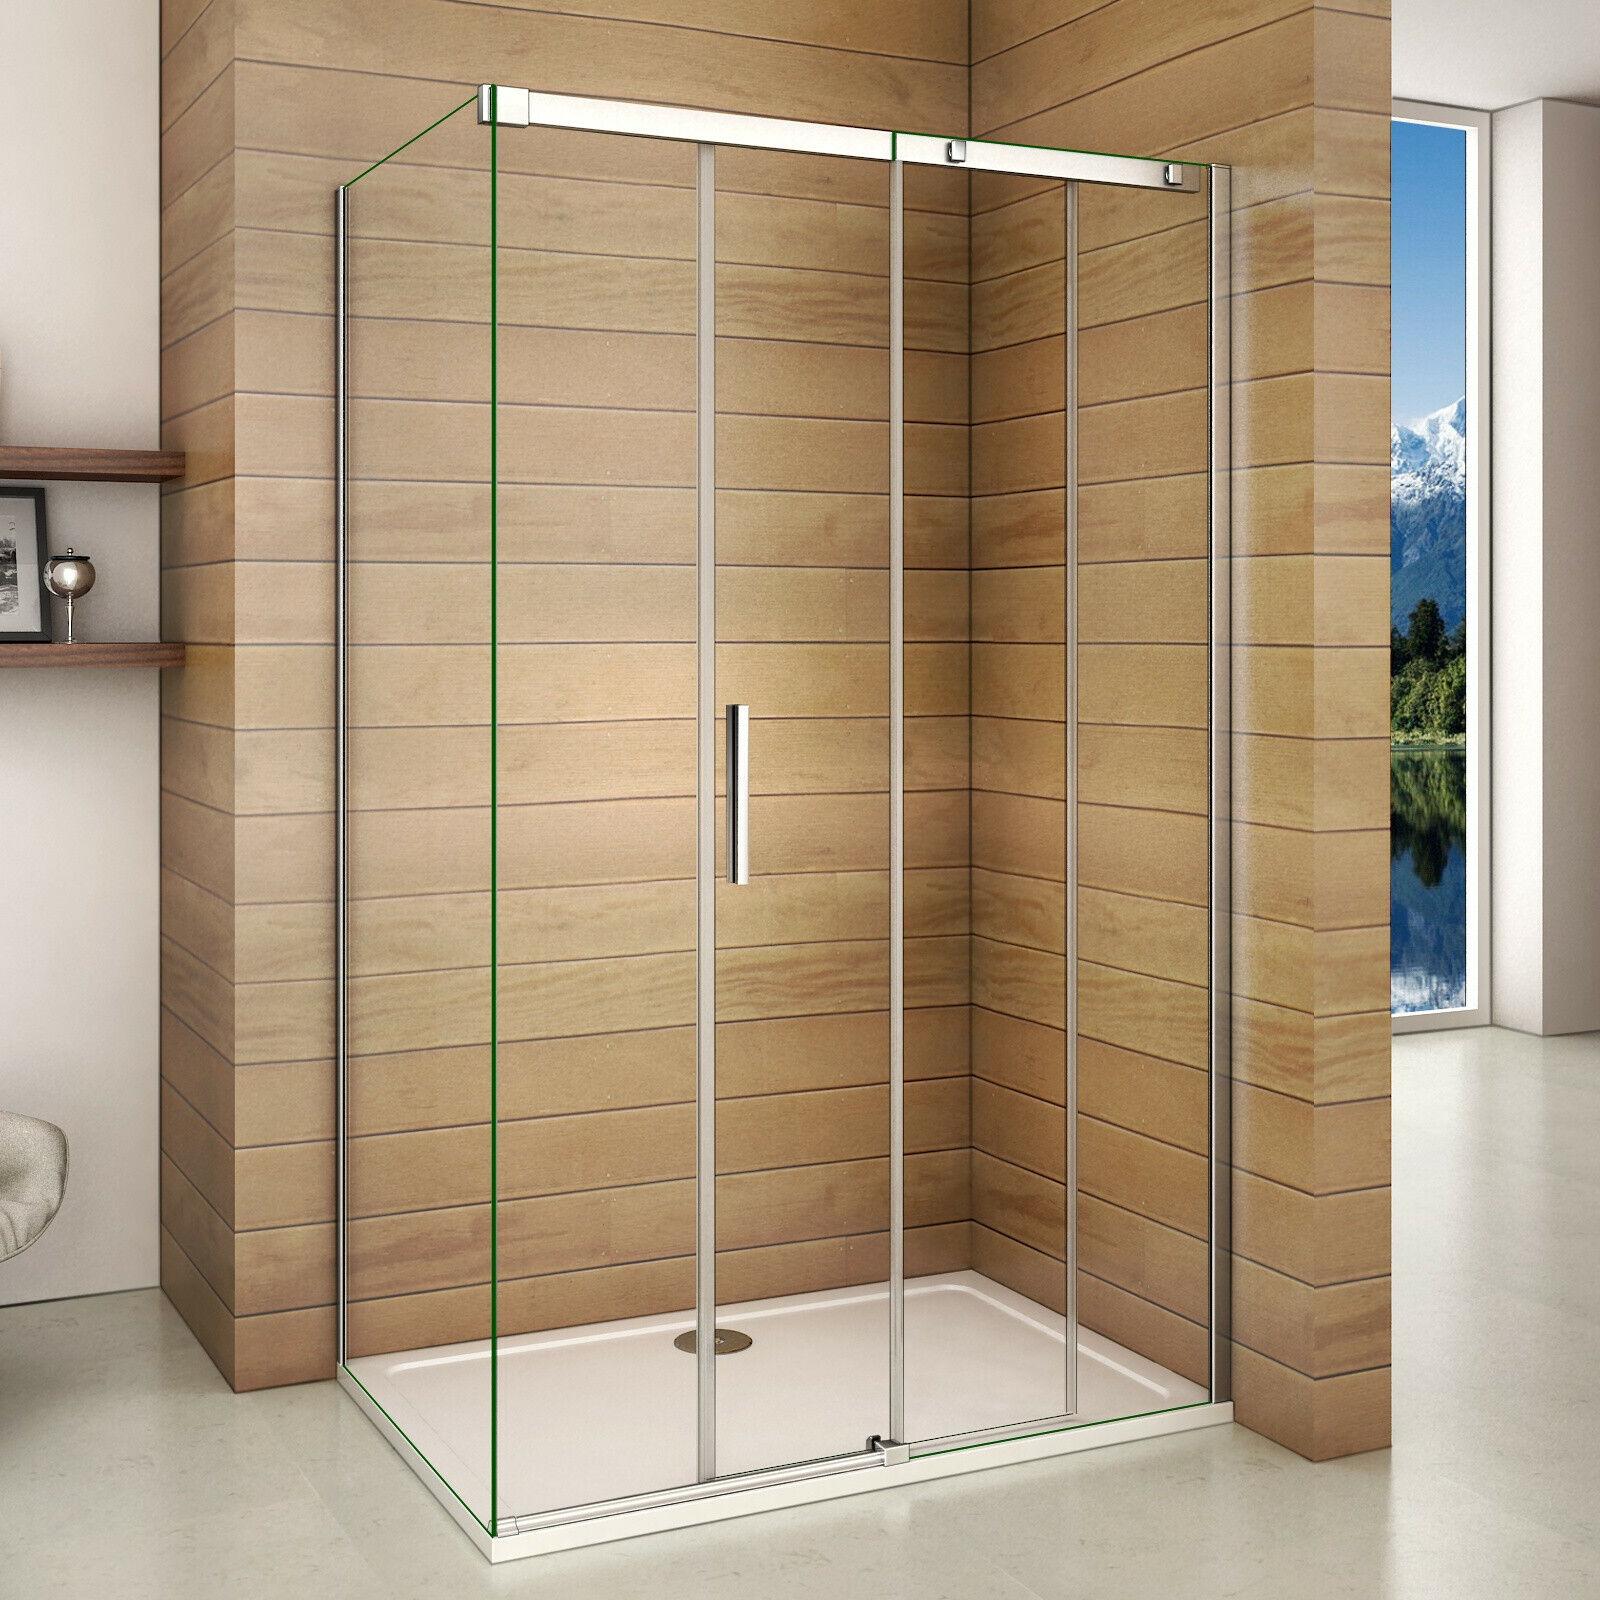 8mm NANO ESG Echtglas Schiebetür Duschkabine Duschabtrennung Dusche Duschwand